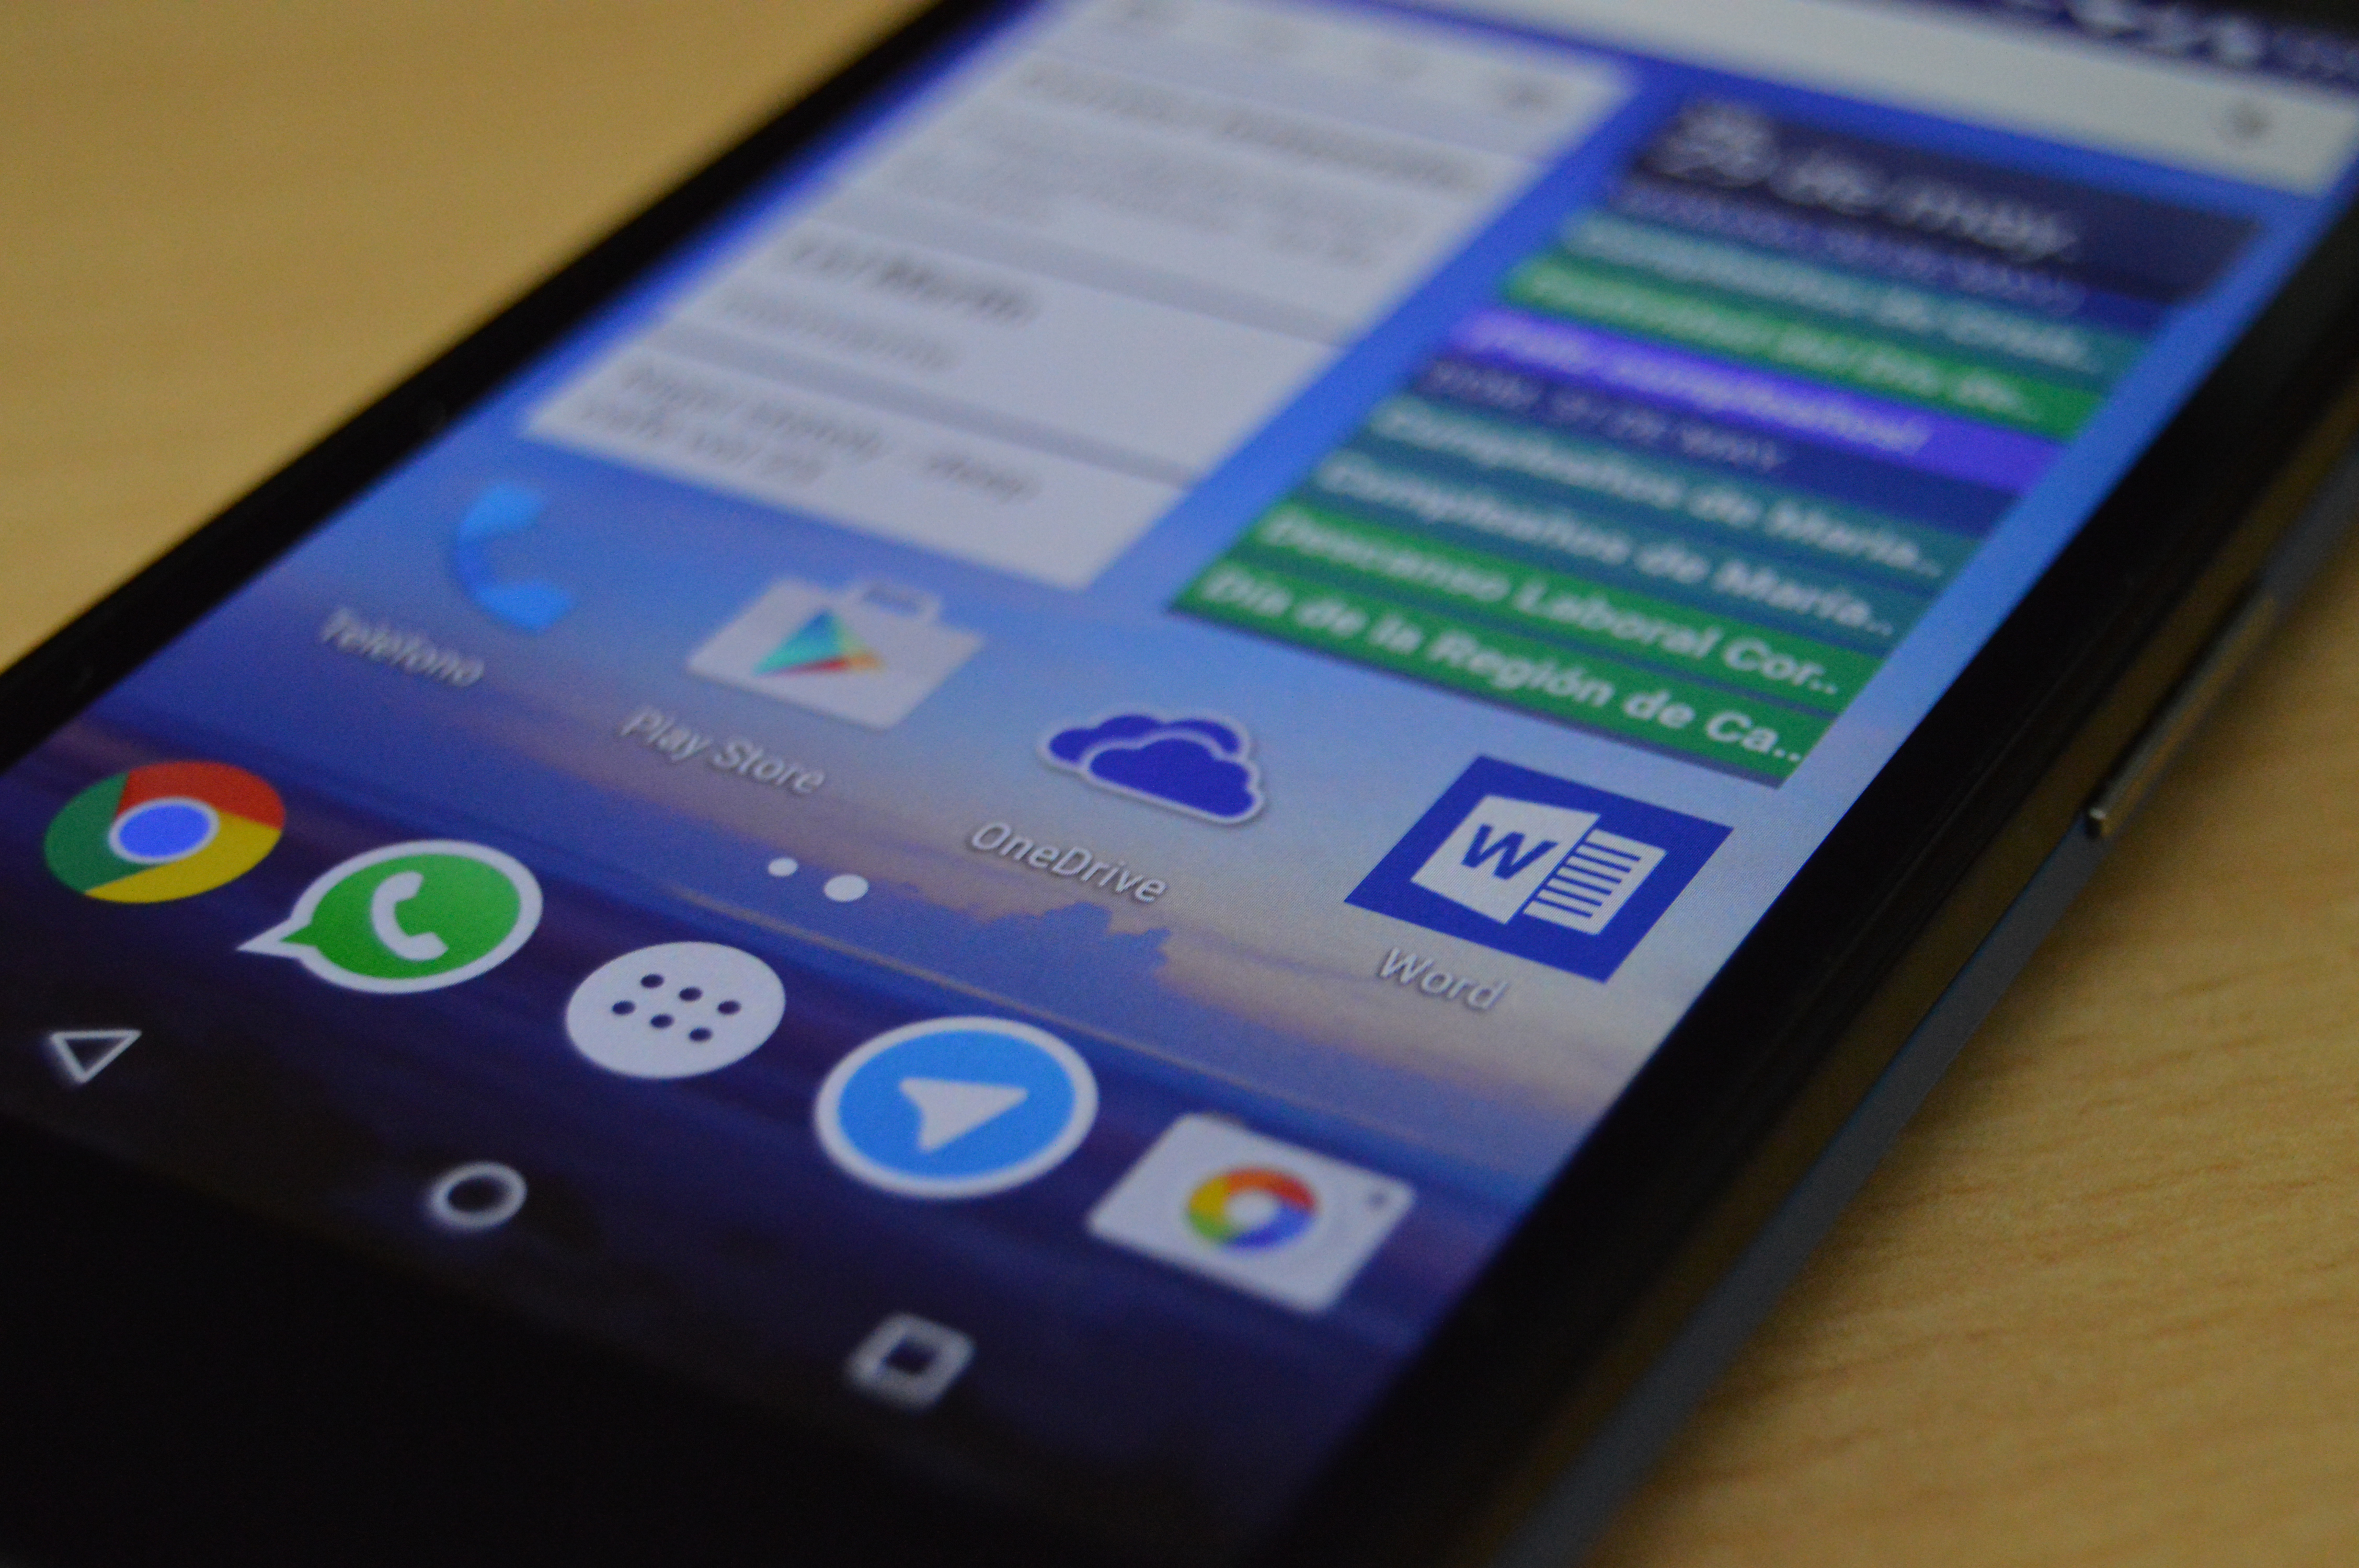 Con la nueva actualización de OneDrive para Android tienes soporte para Android Wear y visualización de PDFs inapp